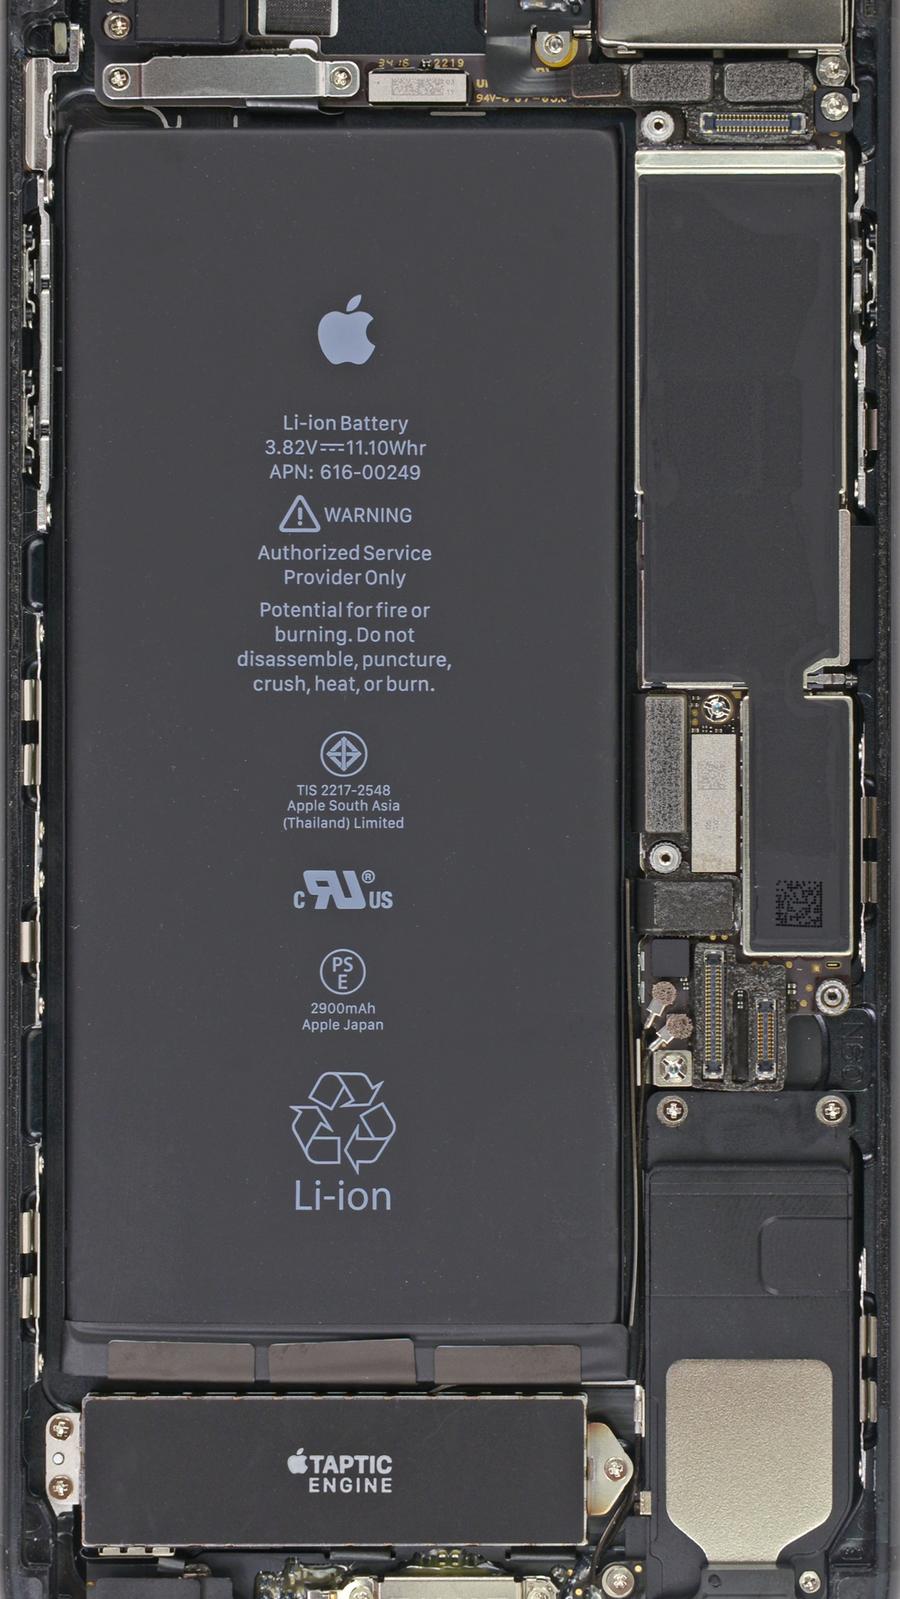 Bộ sưu tập hình nền xuyên thấu iPhone qua các đời